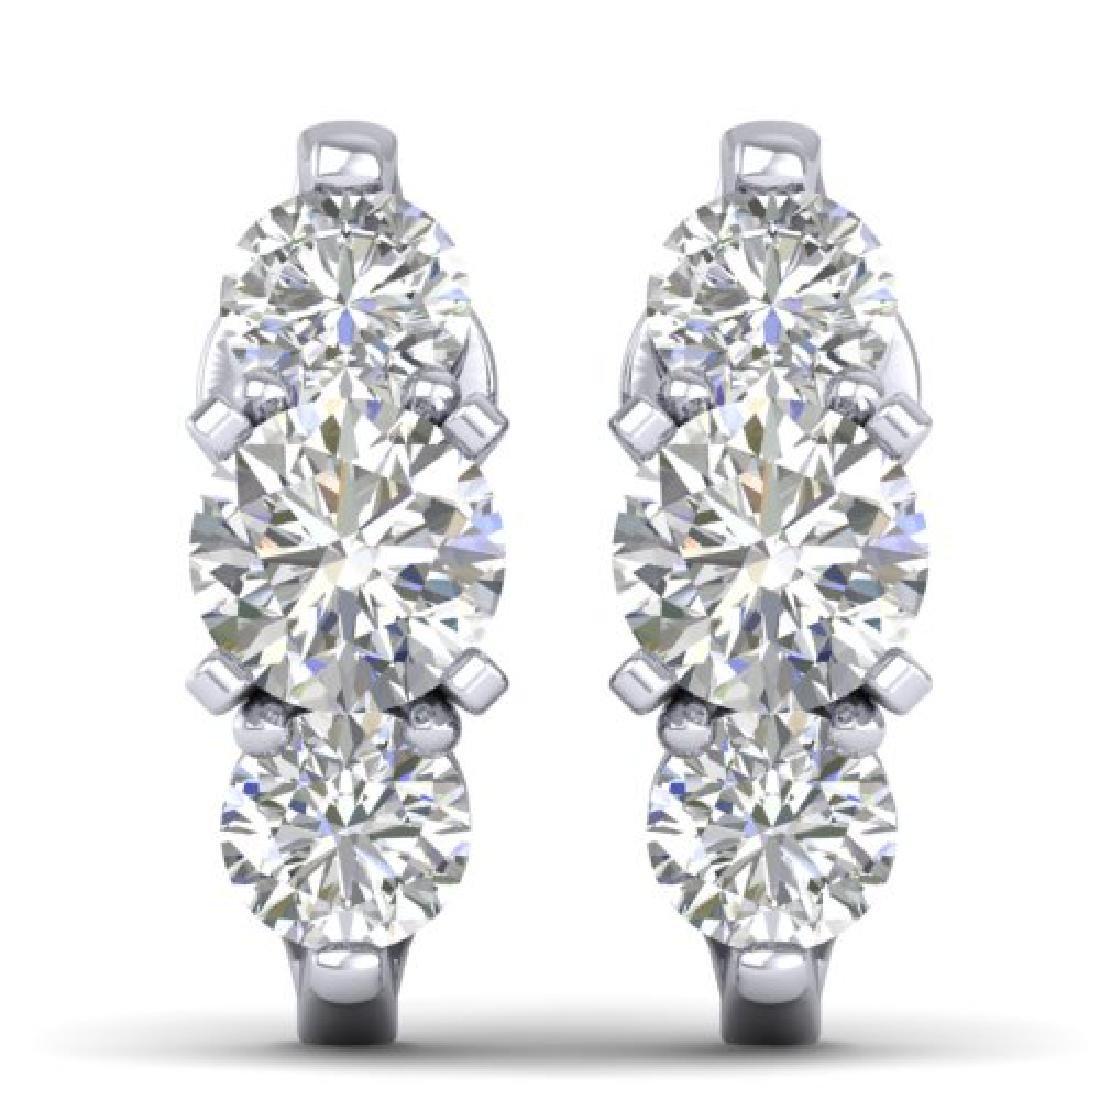 2 CTW Certified VS/SI Diamond 3 Stone Stud Earrings 18K